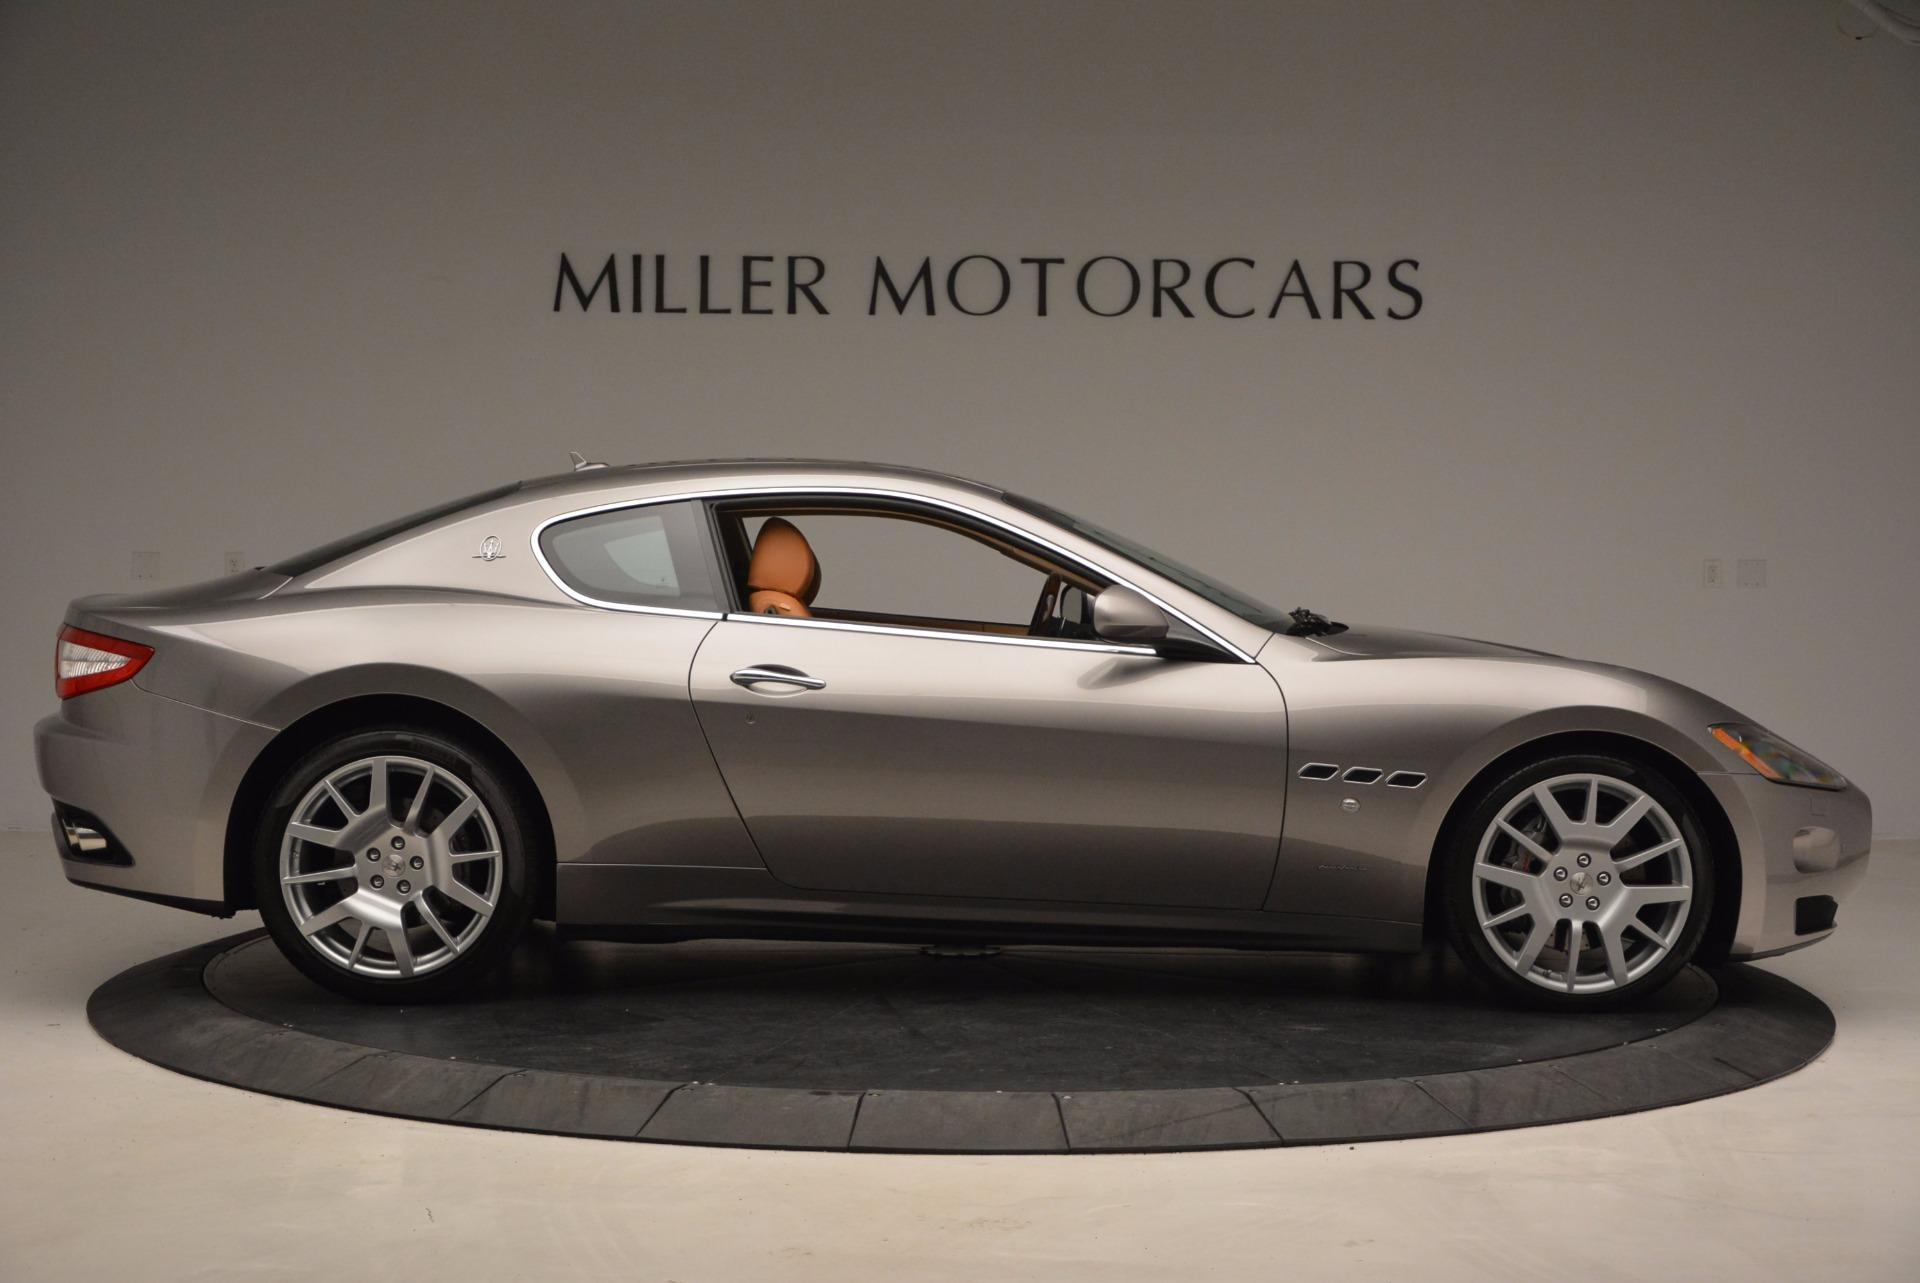 Used 2009 Maserati GranTurismo S For Sale In Greenwich, CT. Alfa Romeo of Greenwich, 7178 1063_p9